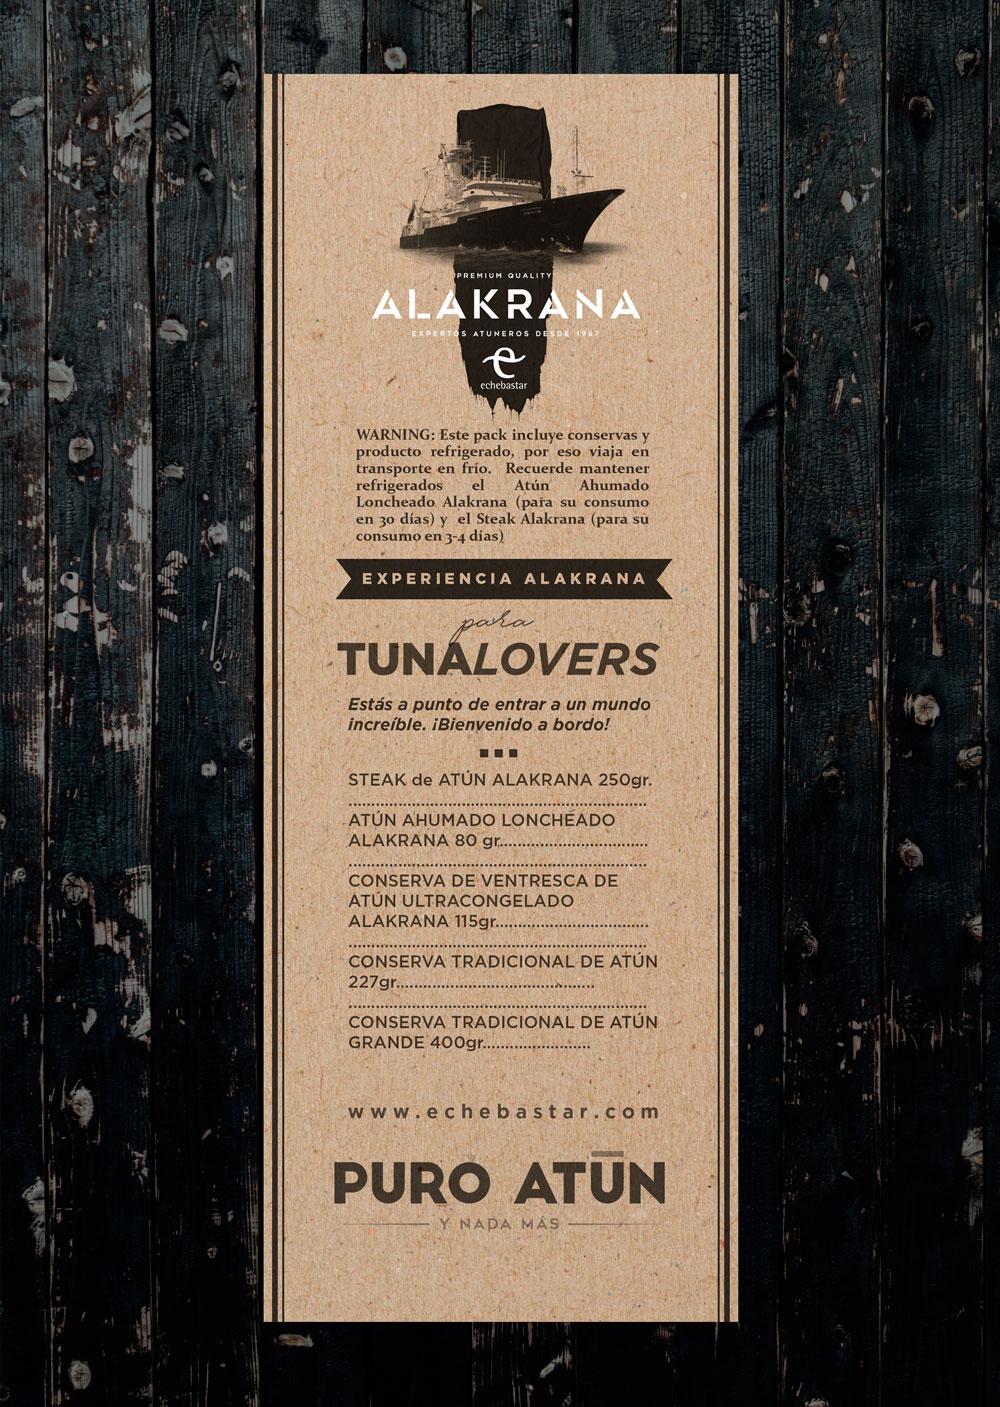 EXPERIENCIA ALAKRANA PARA TUNALOVERS